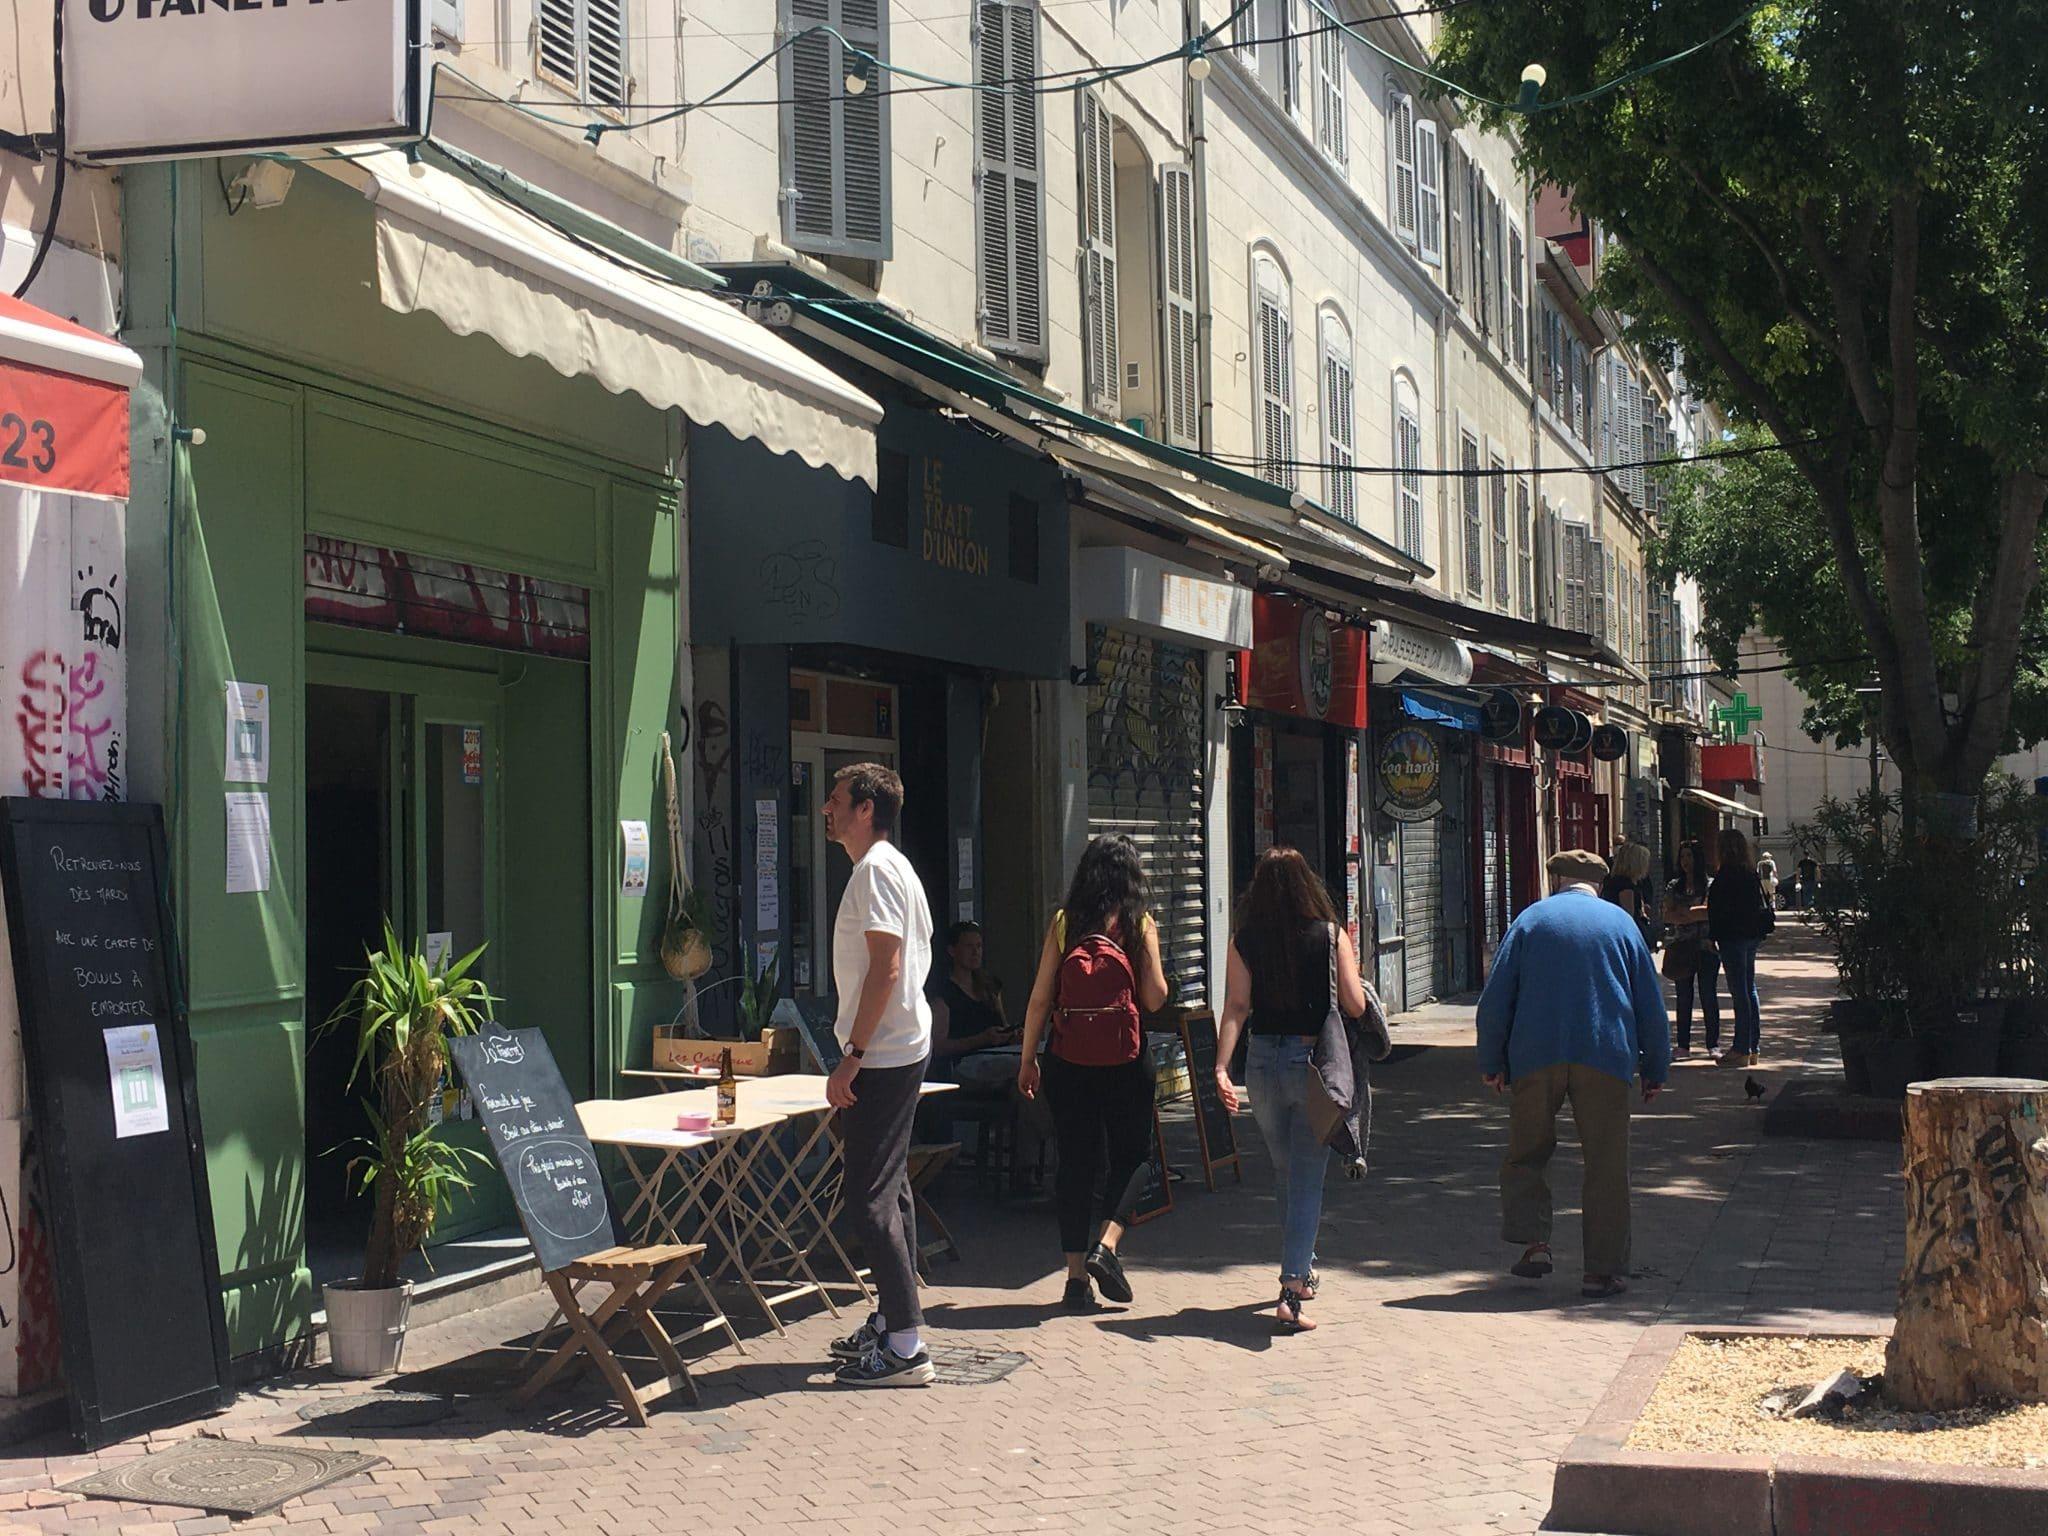 Sur le Cours Julien, des restaurants proposent de la vente à emporter en attendant la réouverture, alors que d'autres gardent le rideau fermé. Photo : MA